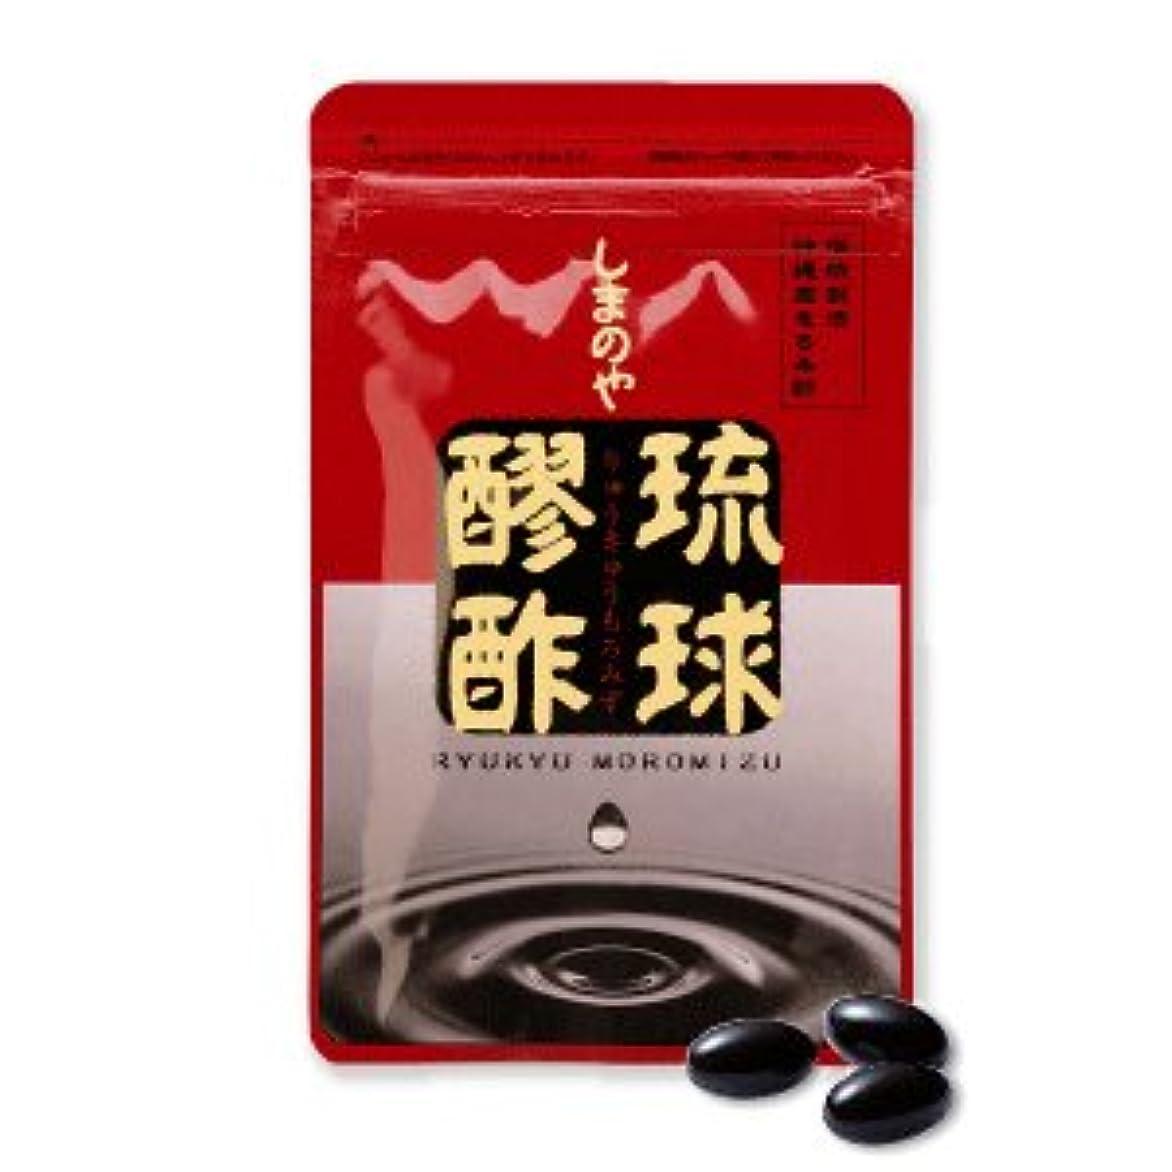 完全に乾く感謝するモジュールしまのや 琉球もろみ酢 93粒 クエン酸 アミノ酸たっぷり